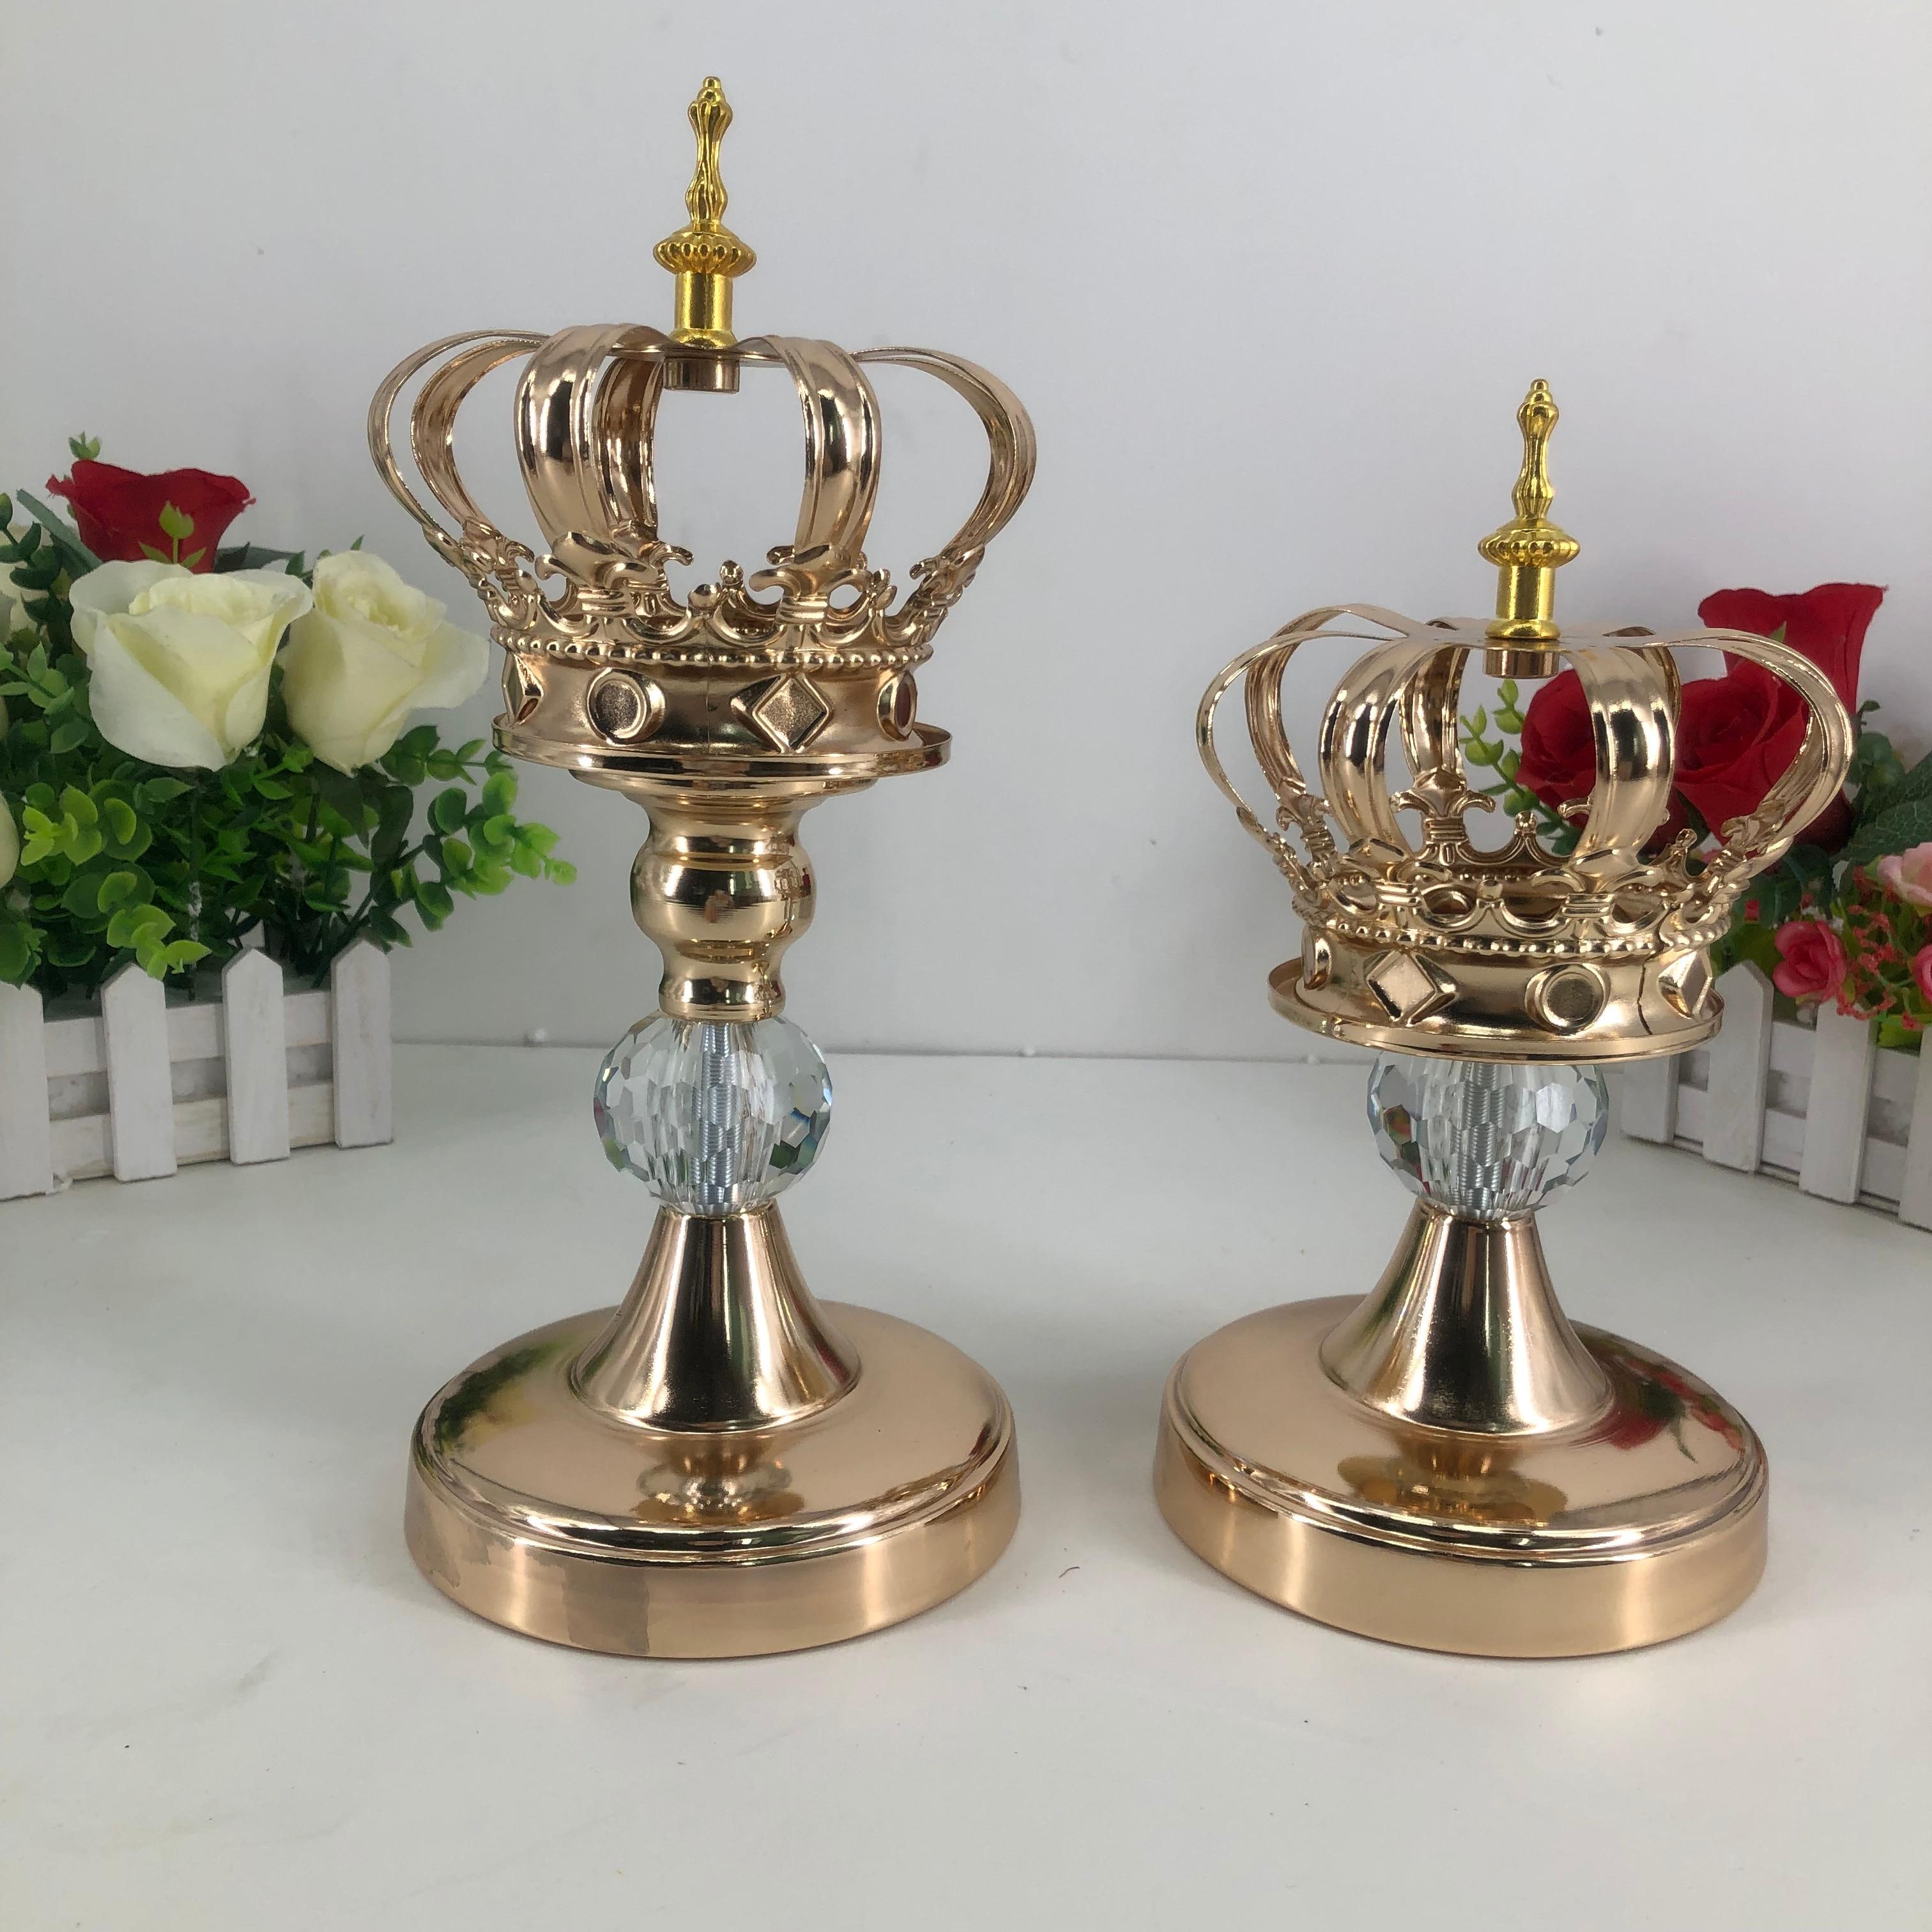 Kandelaars Gouden Kroon Vorm Kaars Stand Fashion Wedding Prachtige Candelabros Tafel Kandelaar Party Home Decoration